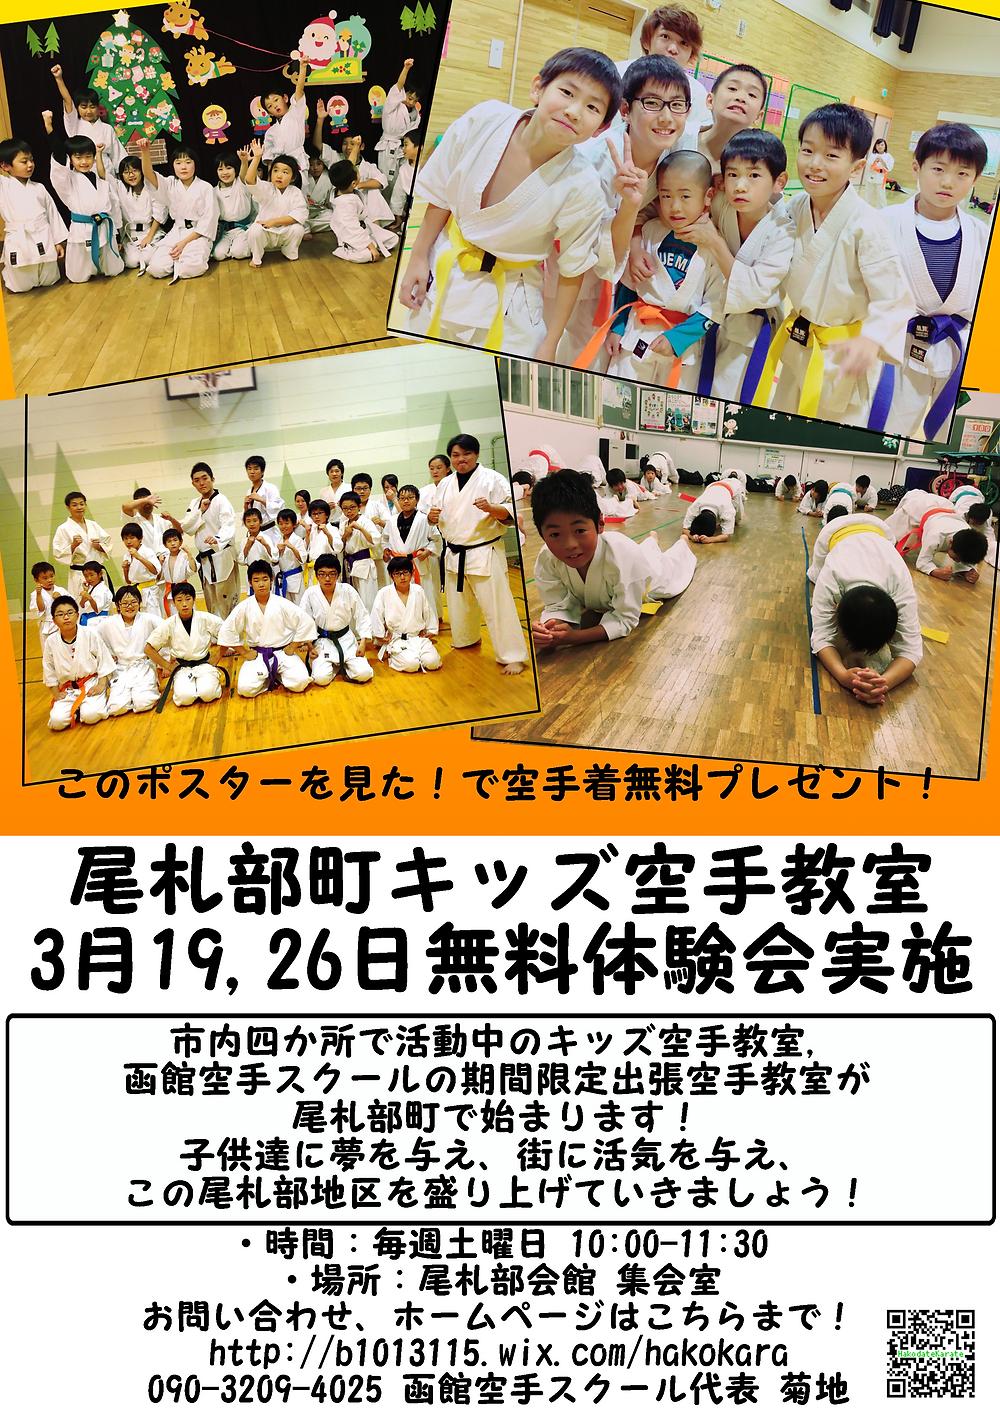 尾札部町教室のポスターです!